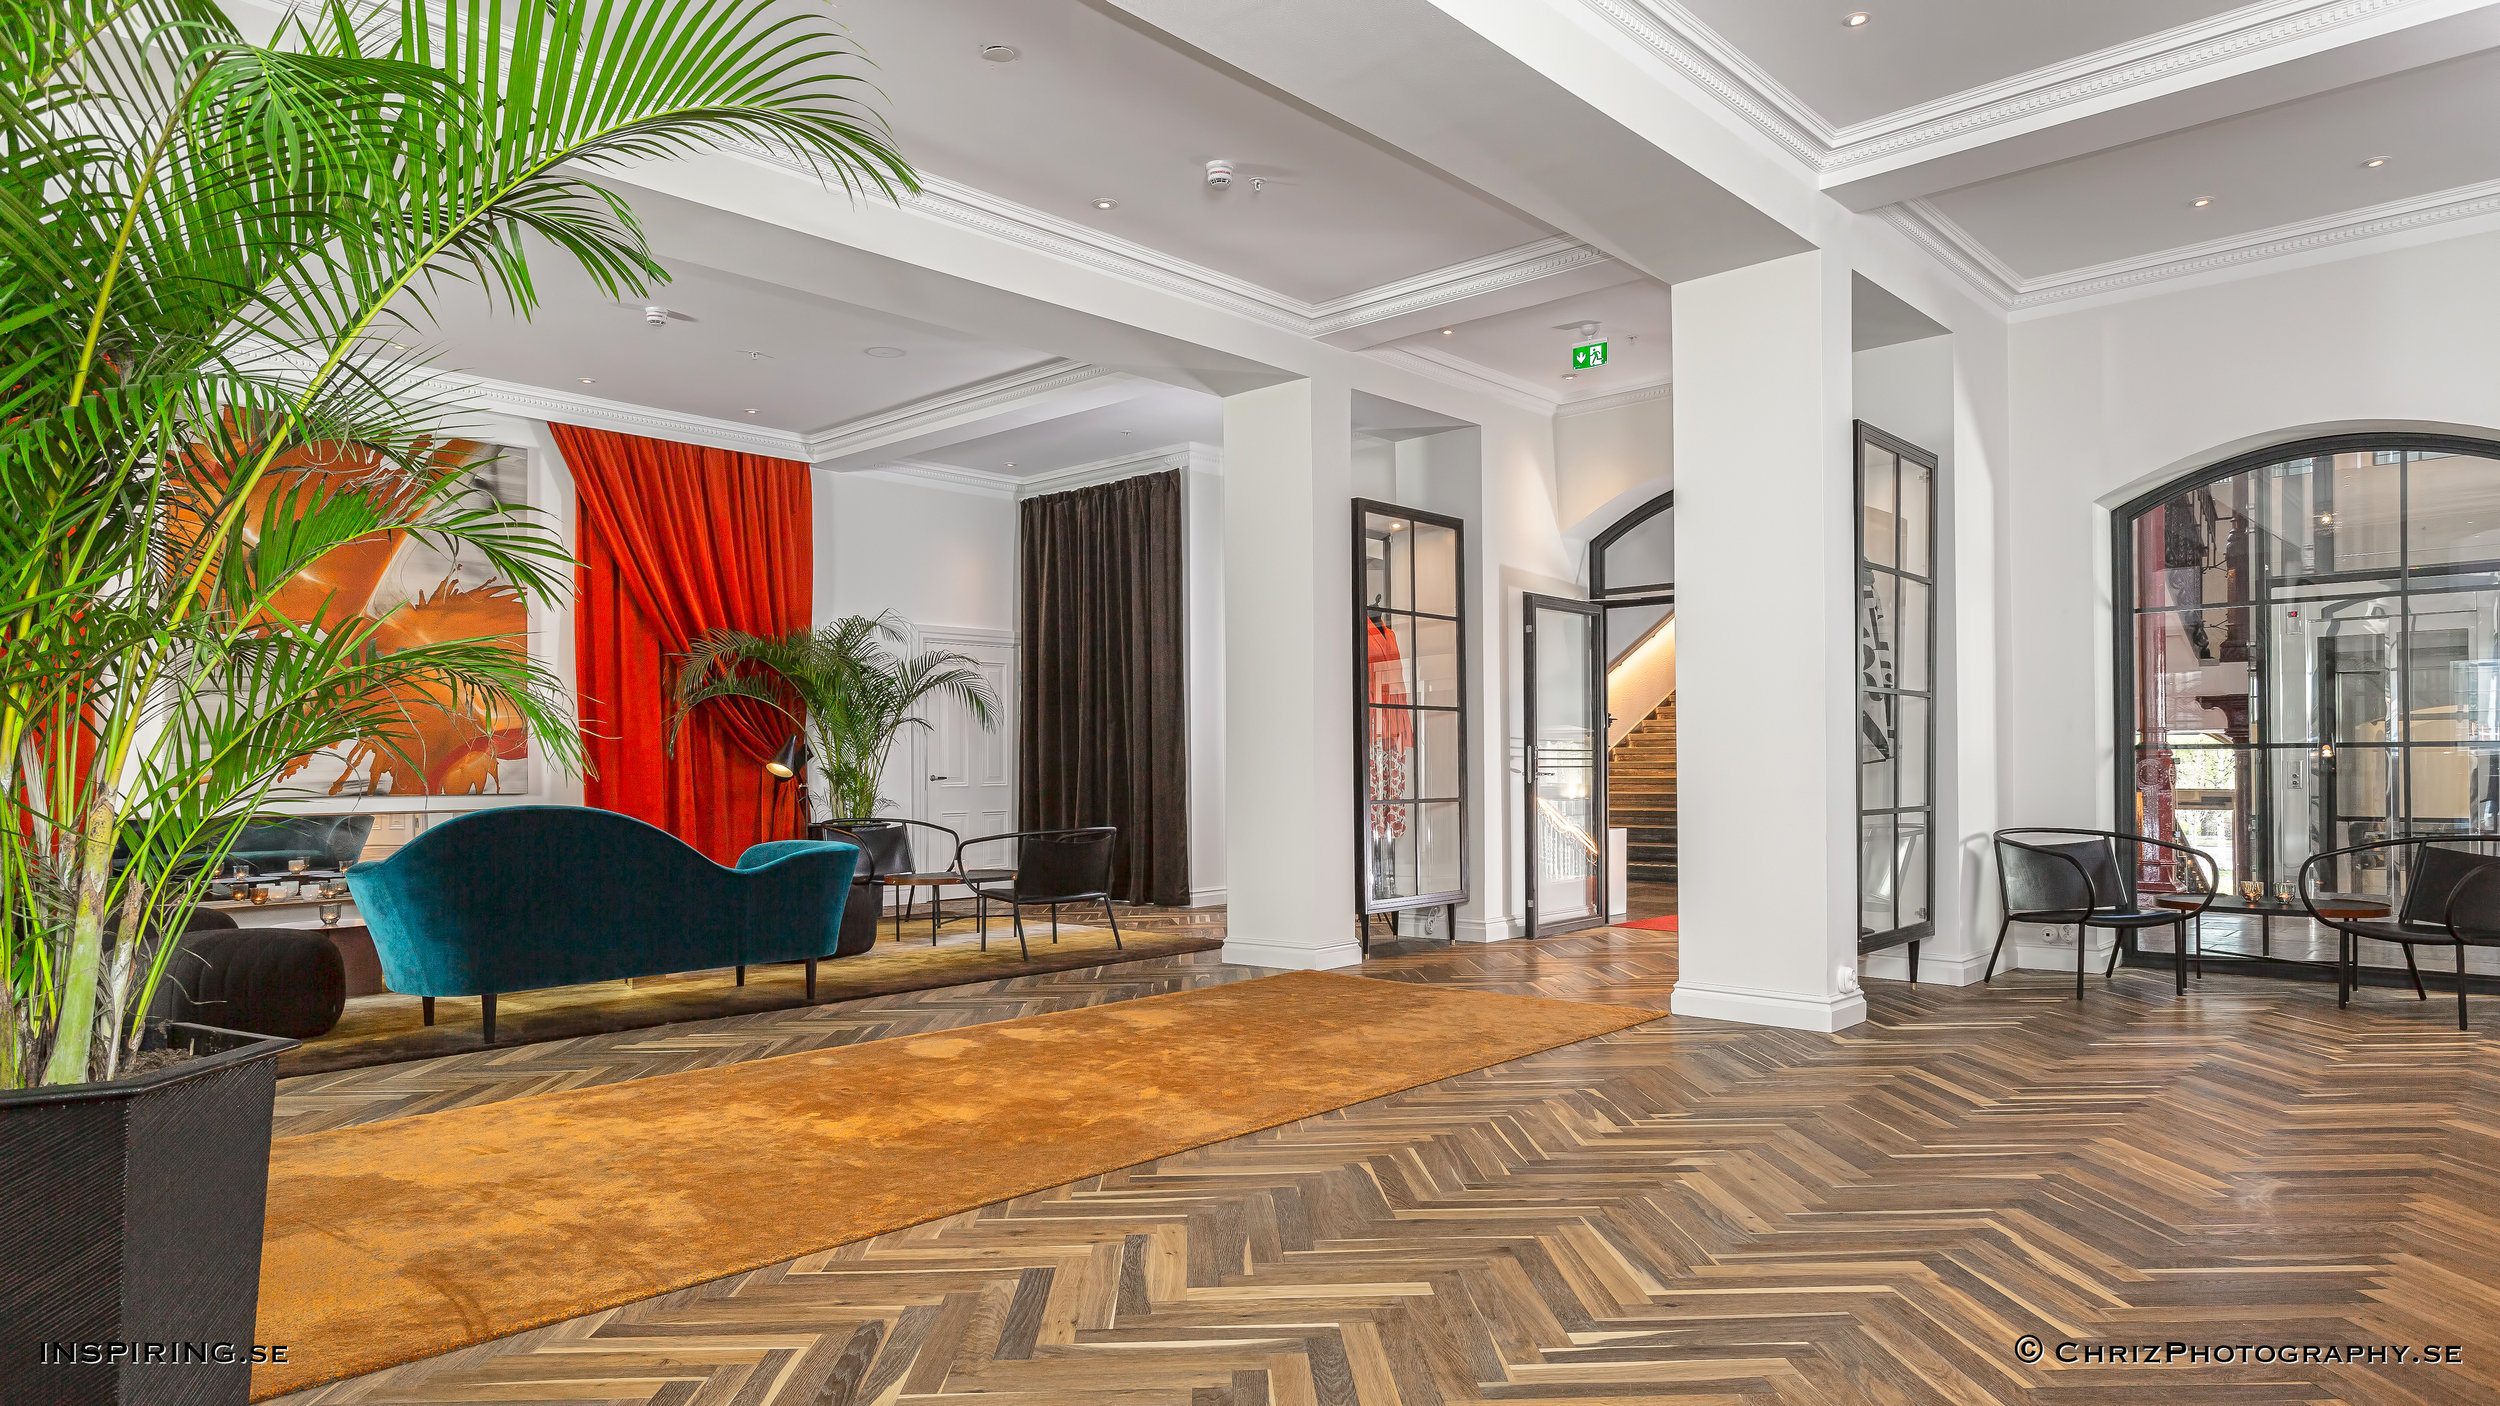 Elite_Hotel_Mimer_Inspiring.se_copyright_ChrizPhotography.se_3.jpg